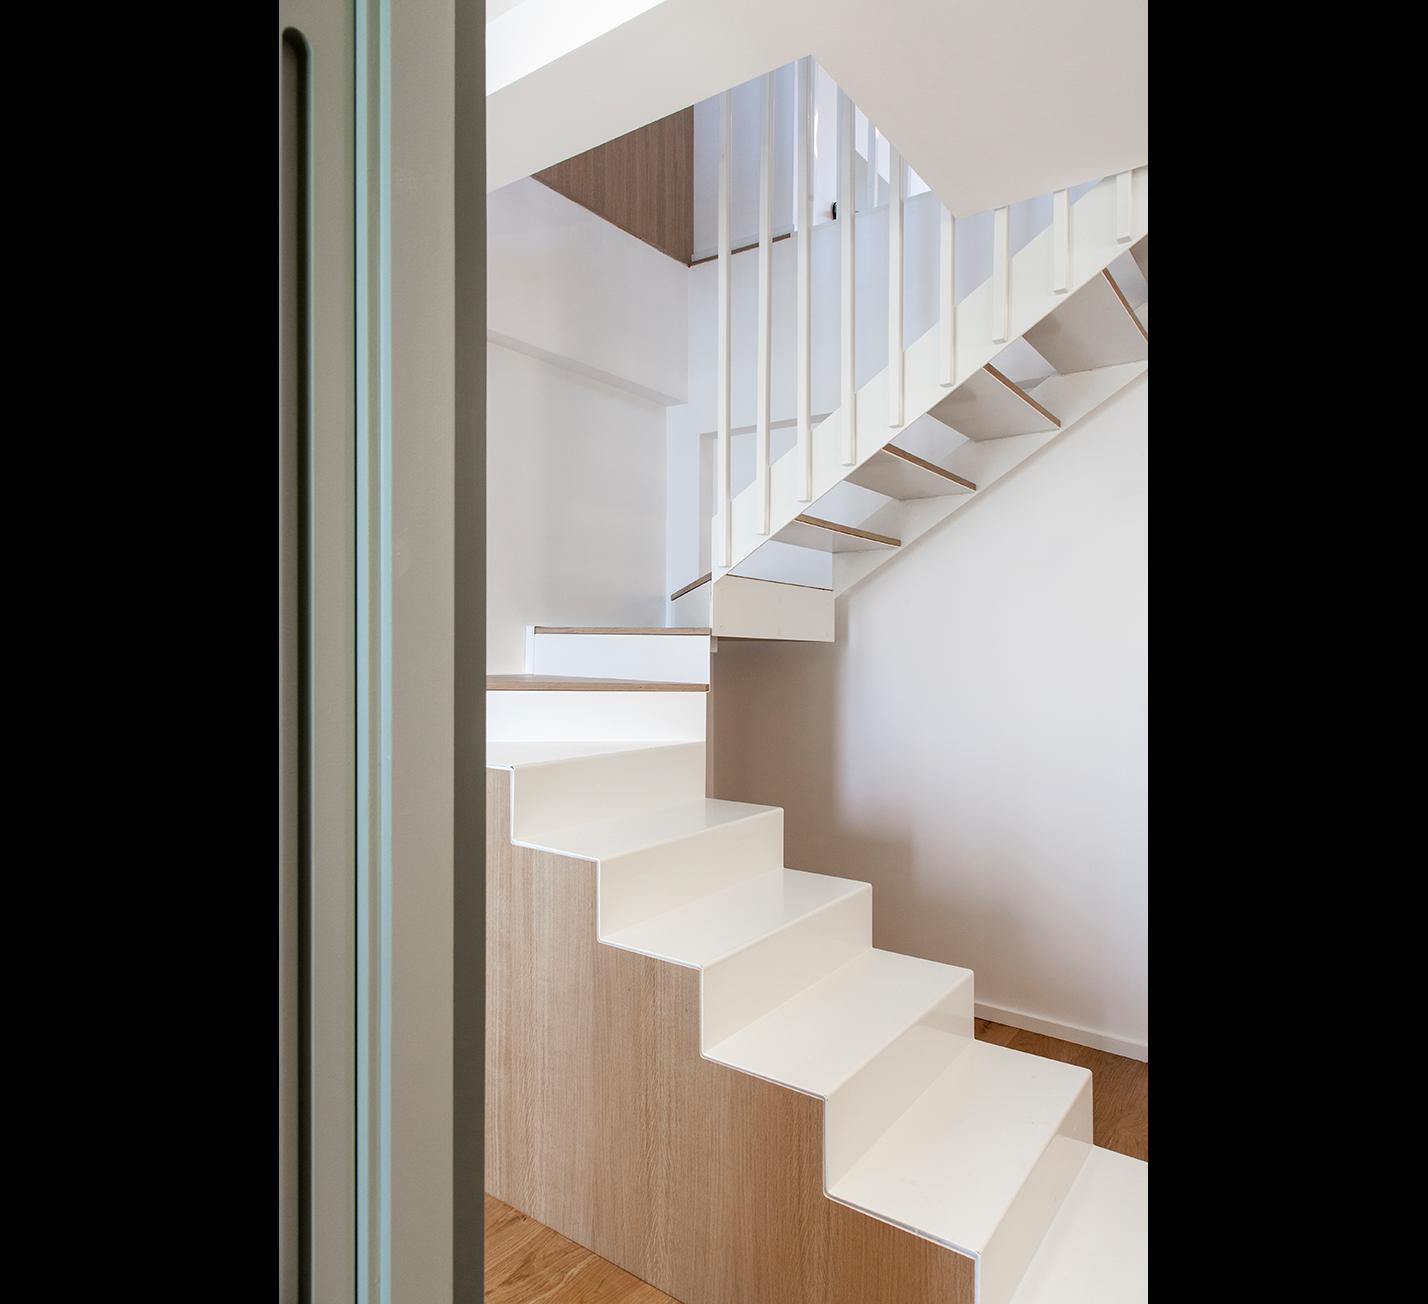 Projet-Pigalle-Atelier-Steve-Pauline-Borgia-Architecture-interieur-10